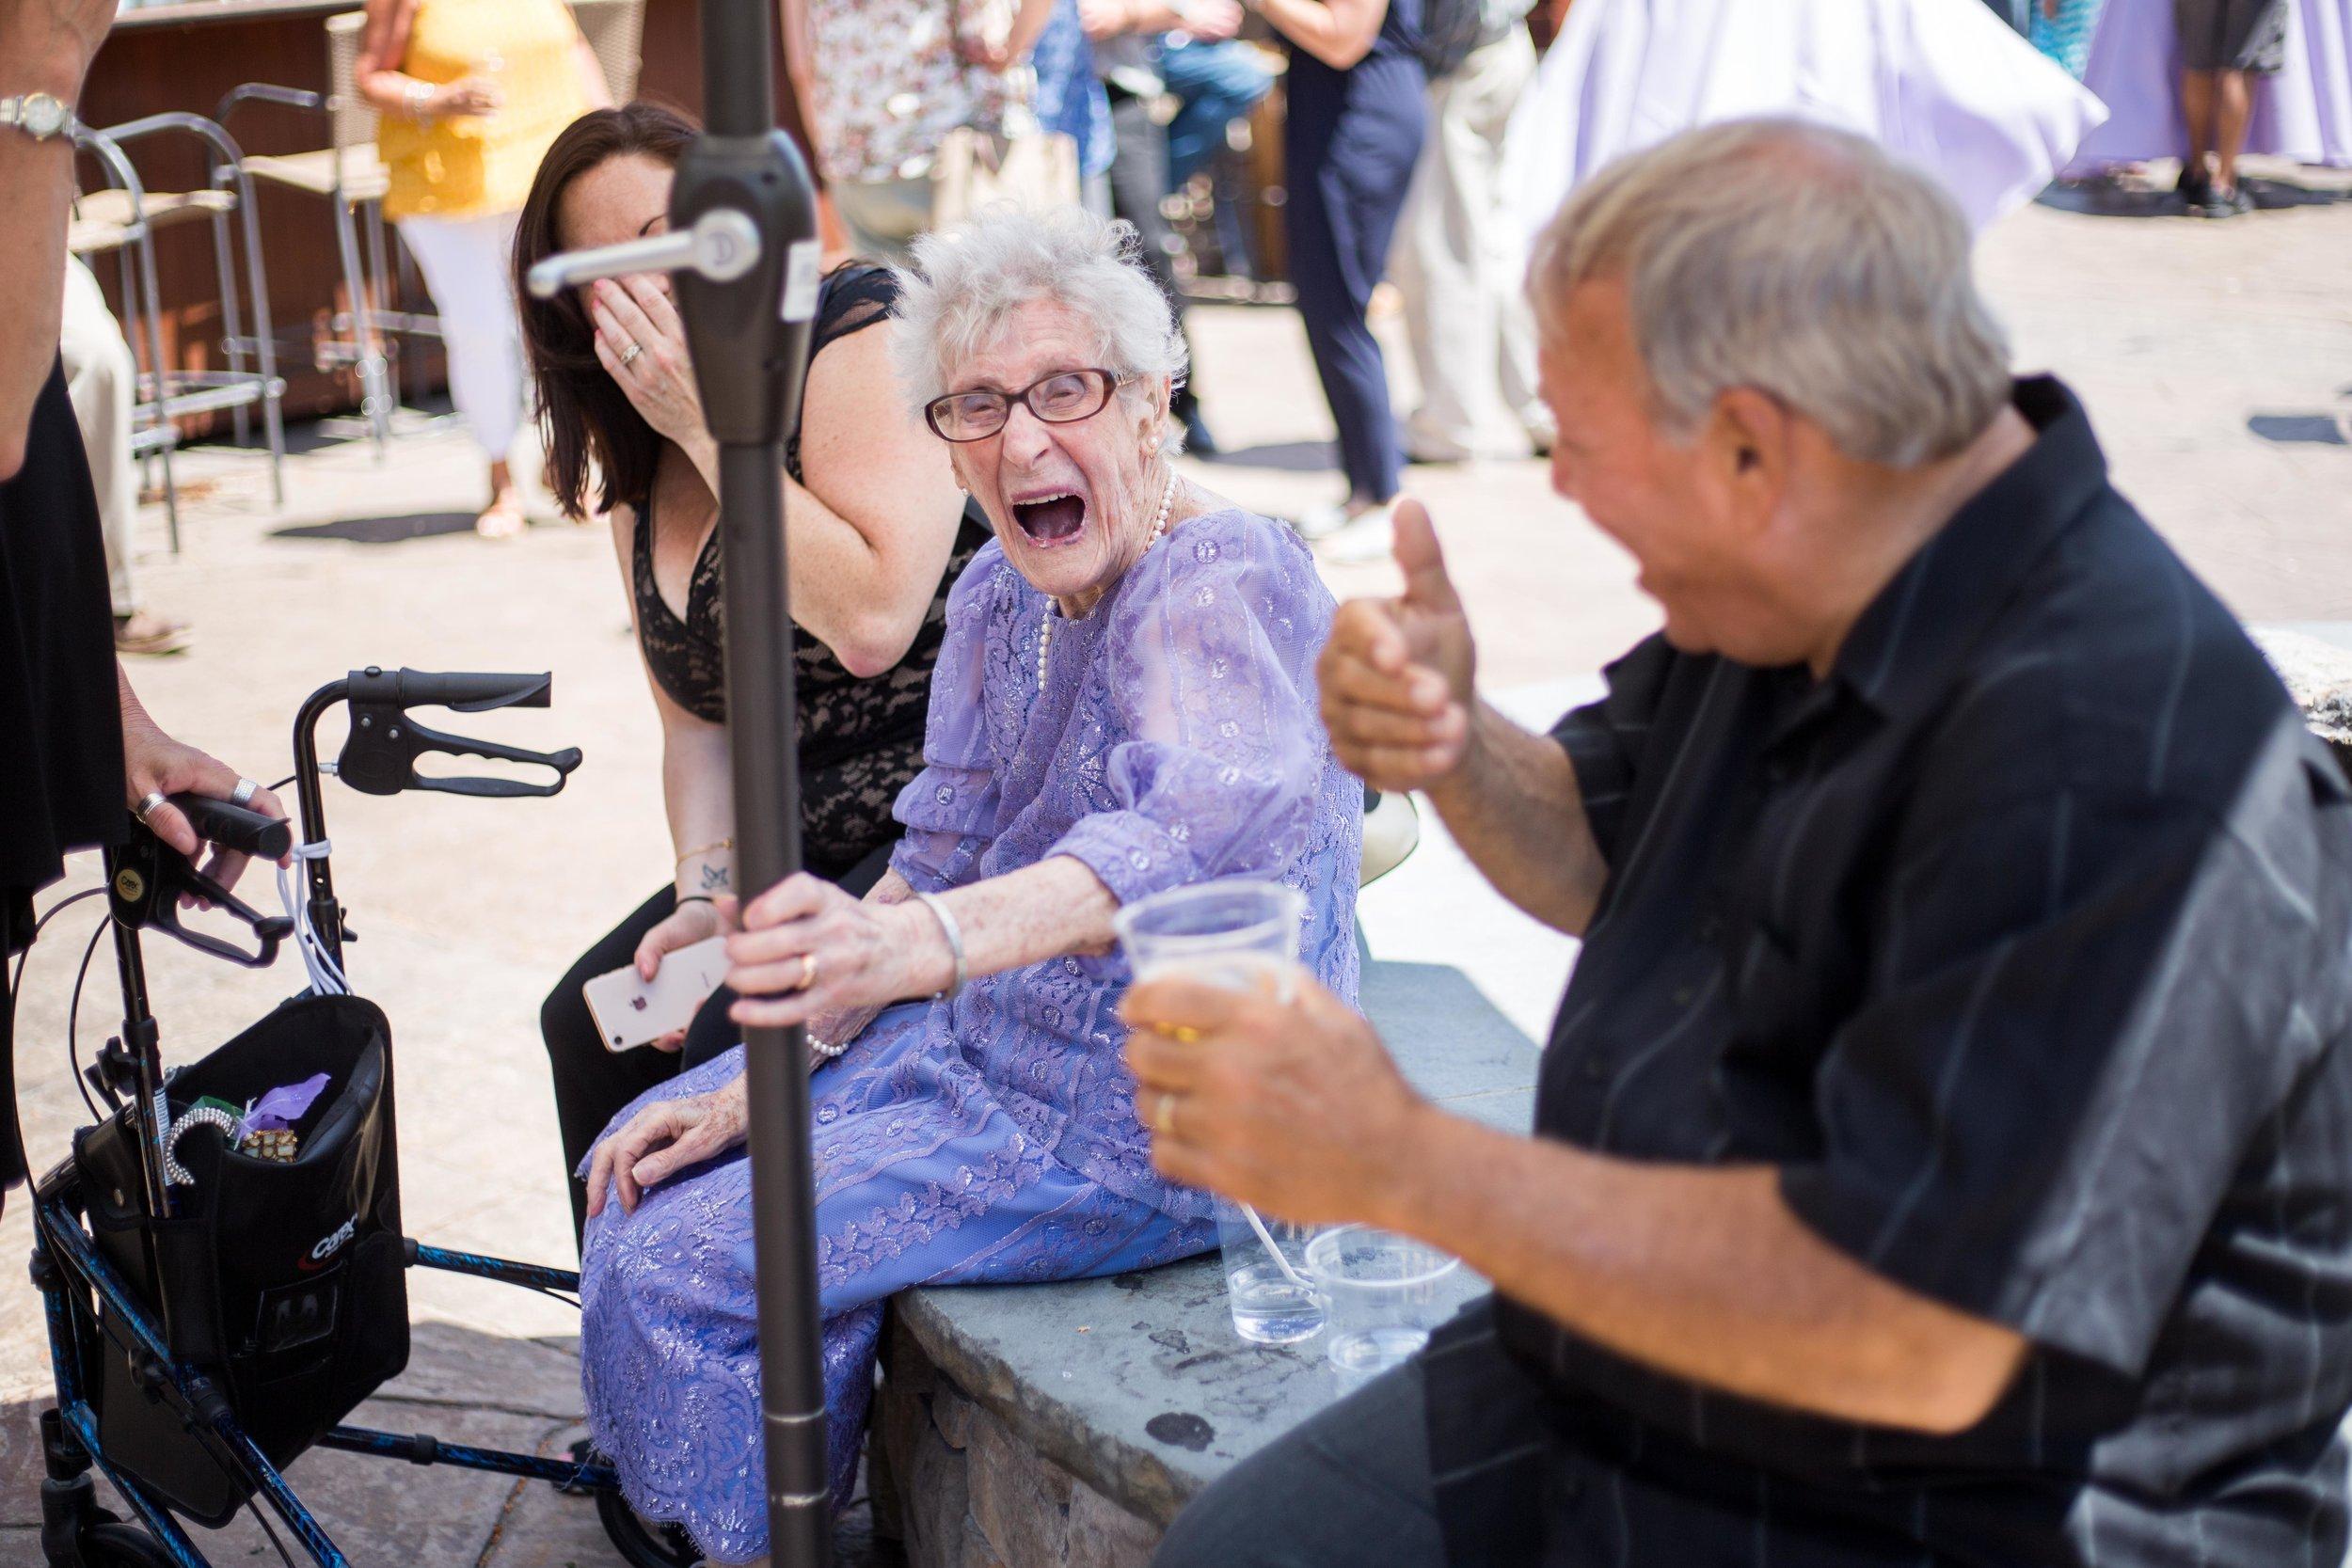 McLoones Boathouse West Orange NJ 100th Birthday Party Event Photos-17.jpg